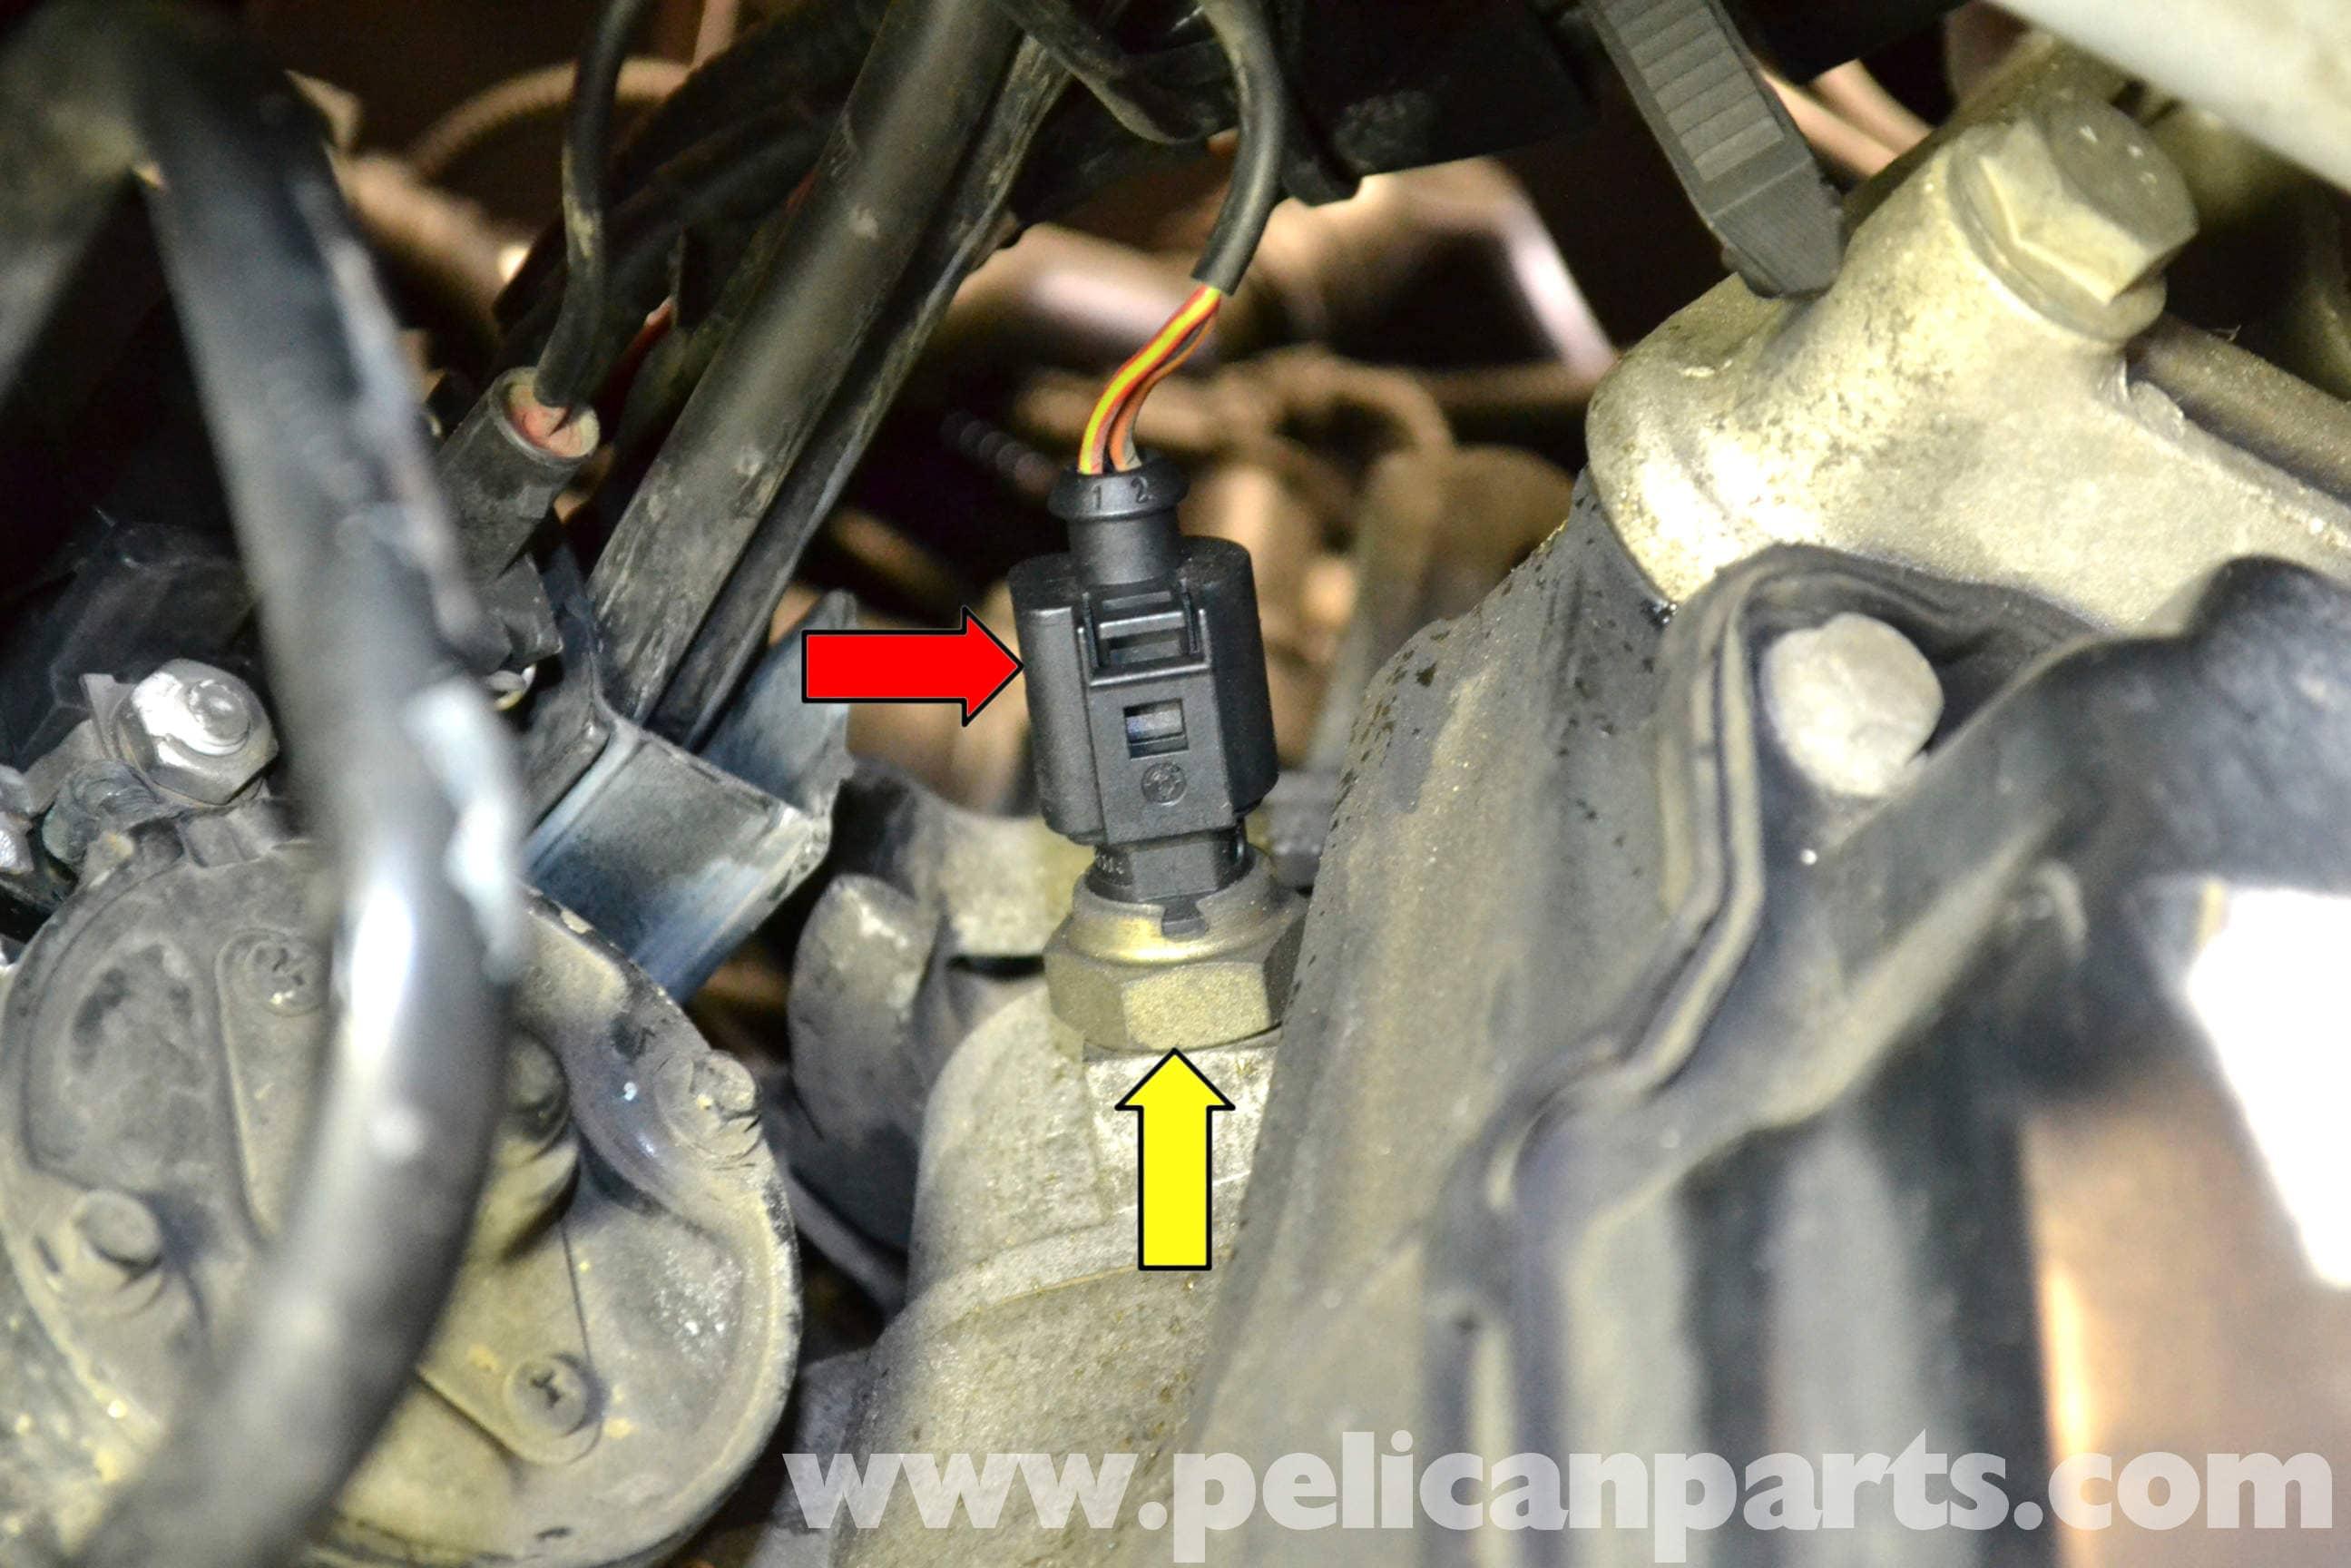 heated seat wiring diagram porsche volkswagen golf gti mk iv reverse light switch replacement  volkswagen golf gti mk iv reverse light switch replacement